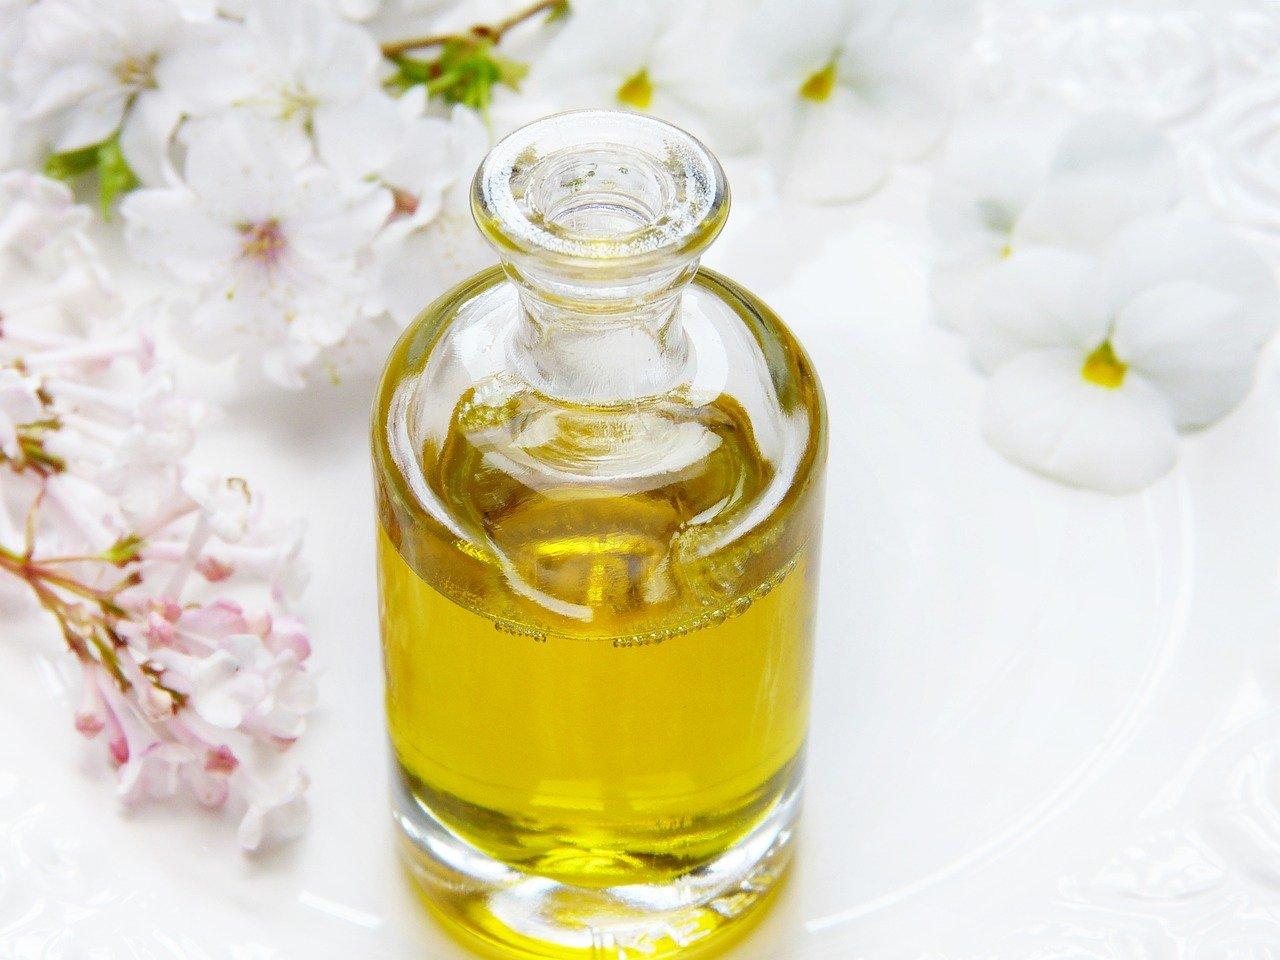 Les meilleures huiles, lotions, crèmes et gels pour massothérapie